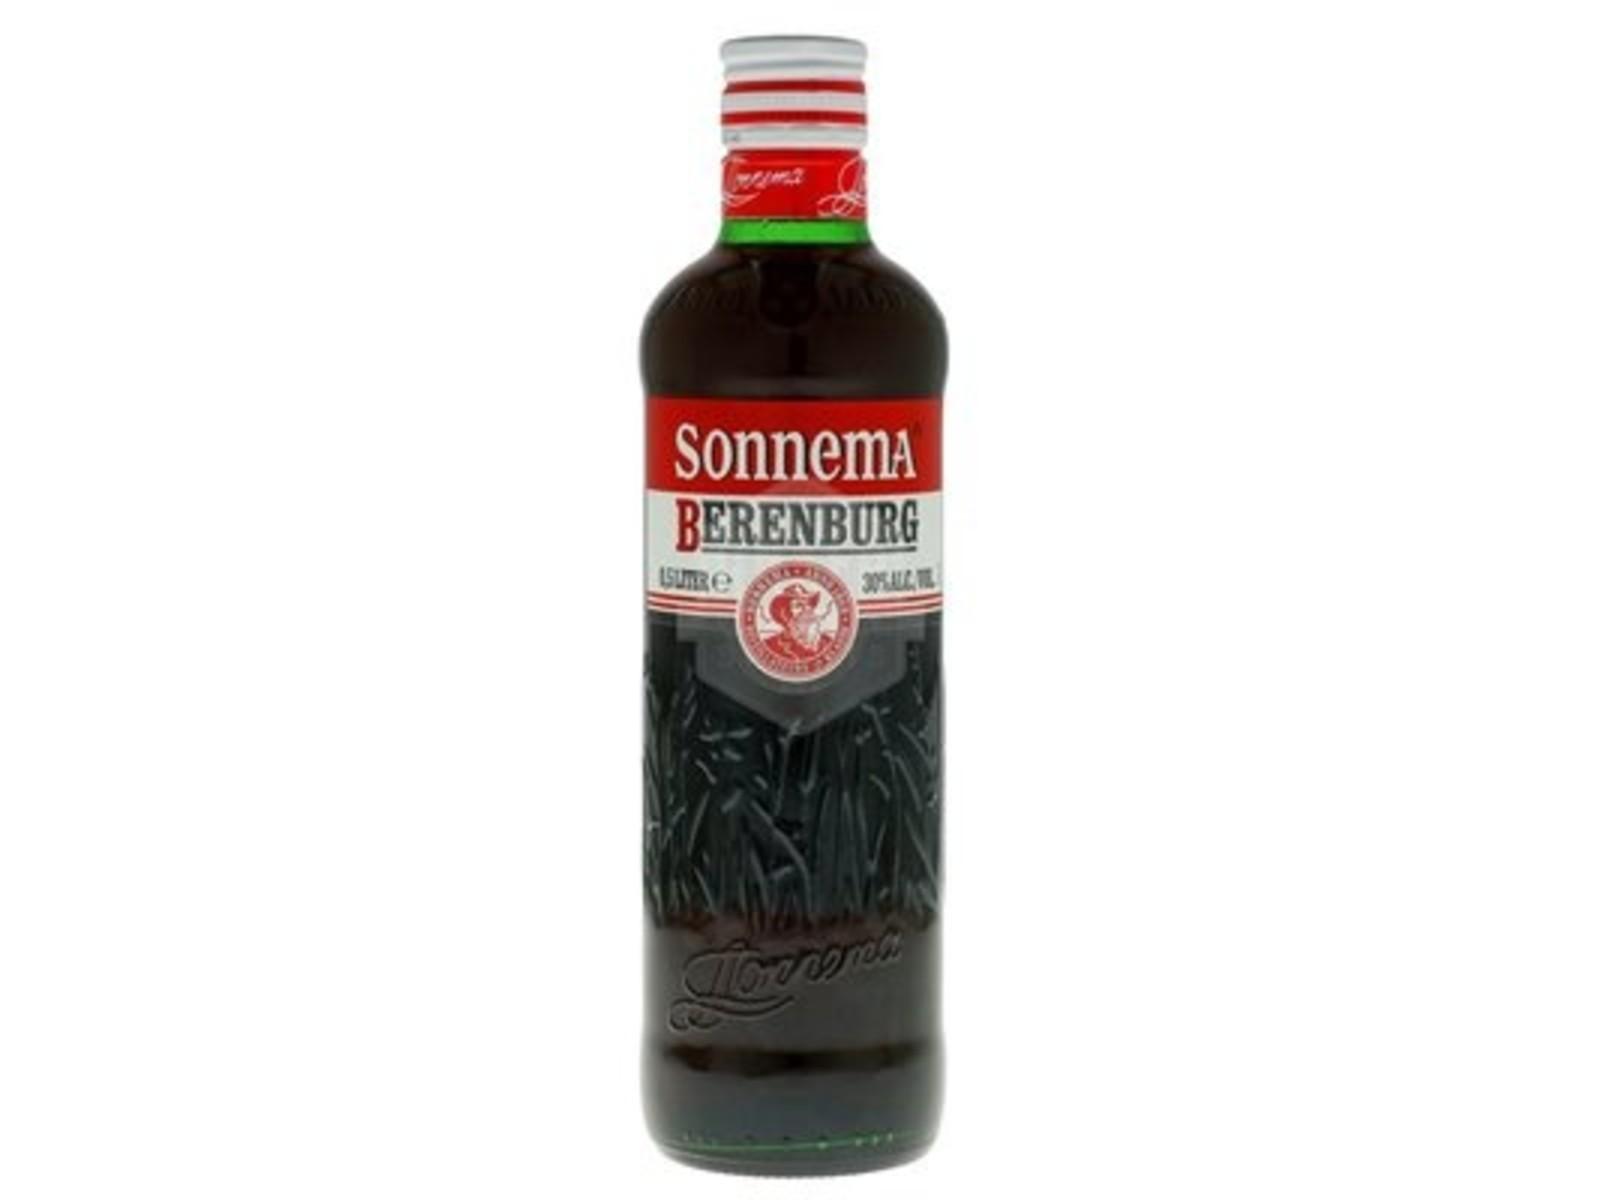 Sonnema Sonnema berenburg / 0,5L